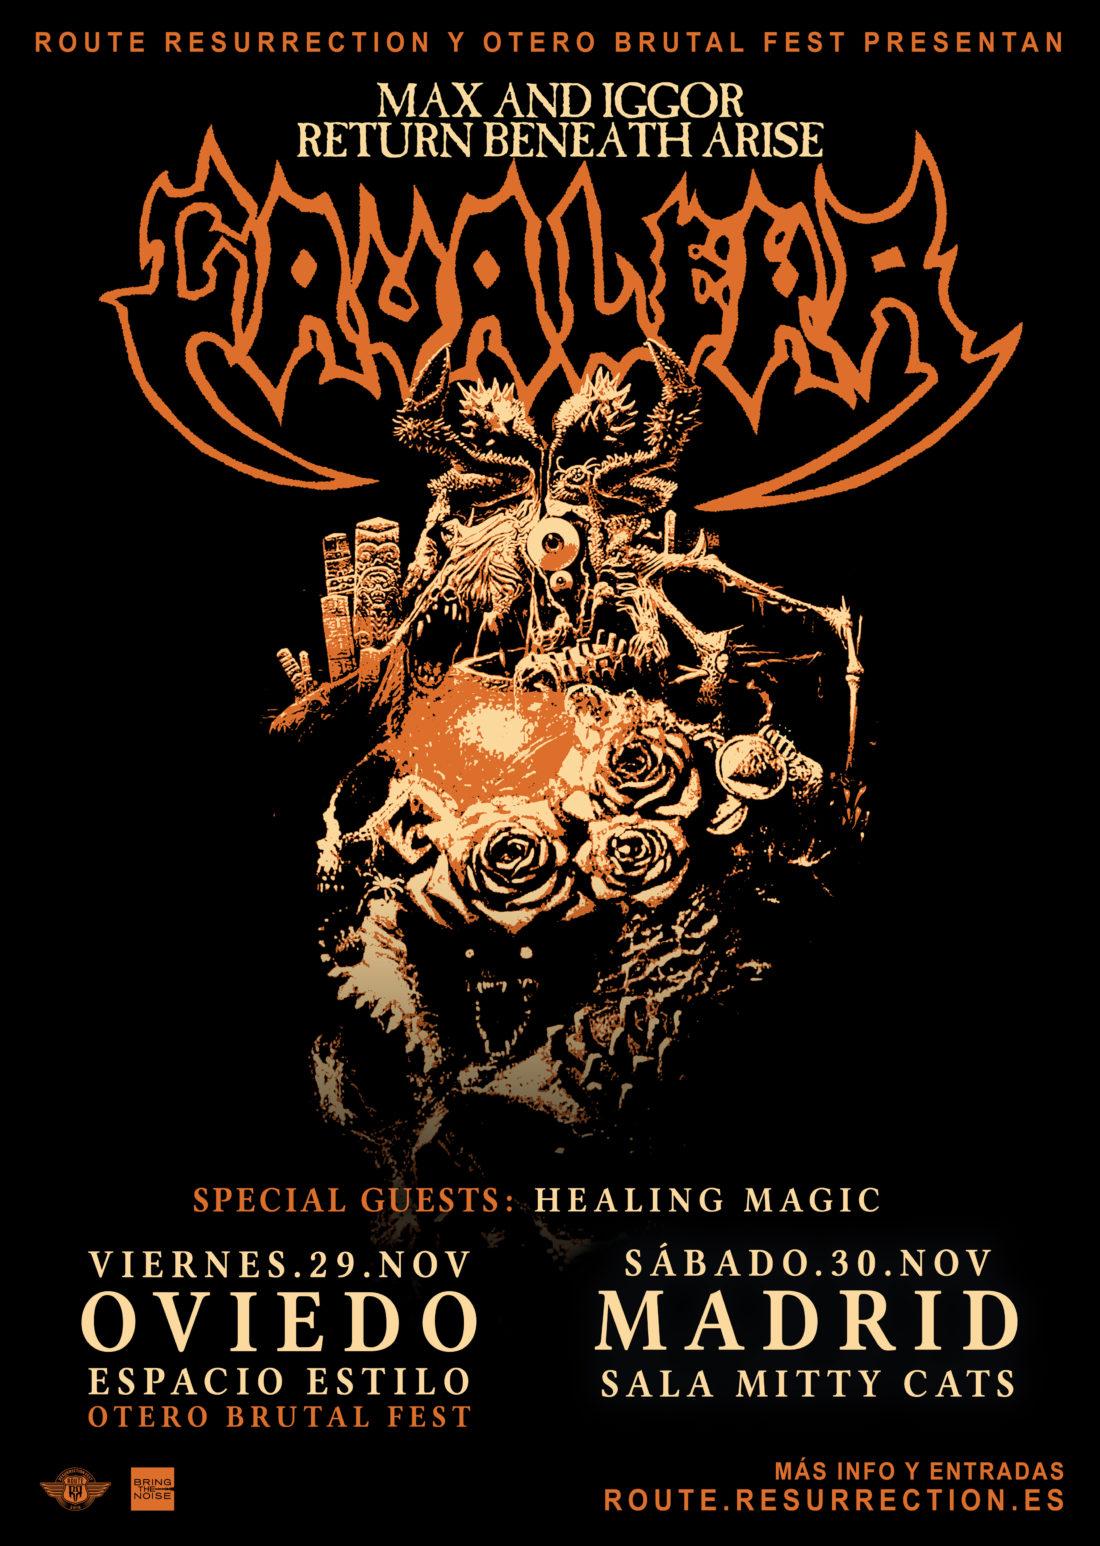 Sepultura y el thrash en general (que no solo se cuecen habas en SF) - Página 13 Max-Iggor-Cavalera-Return-Beneath-Arise-Spain-2019-Poster-1-1100x1546